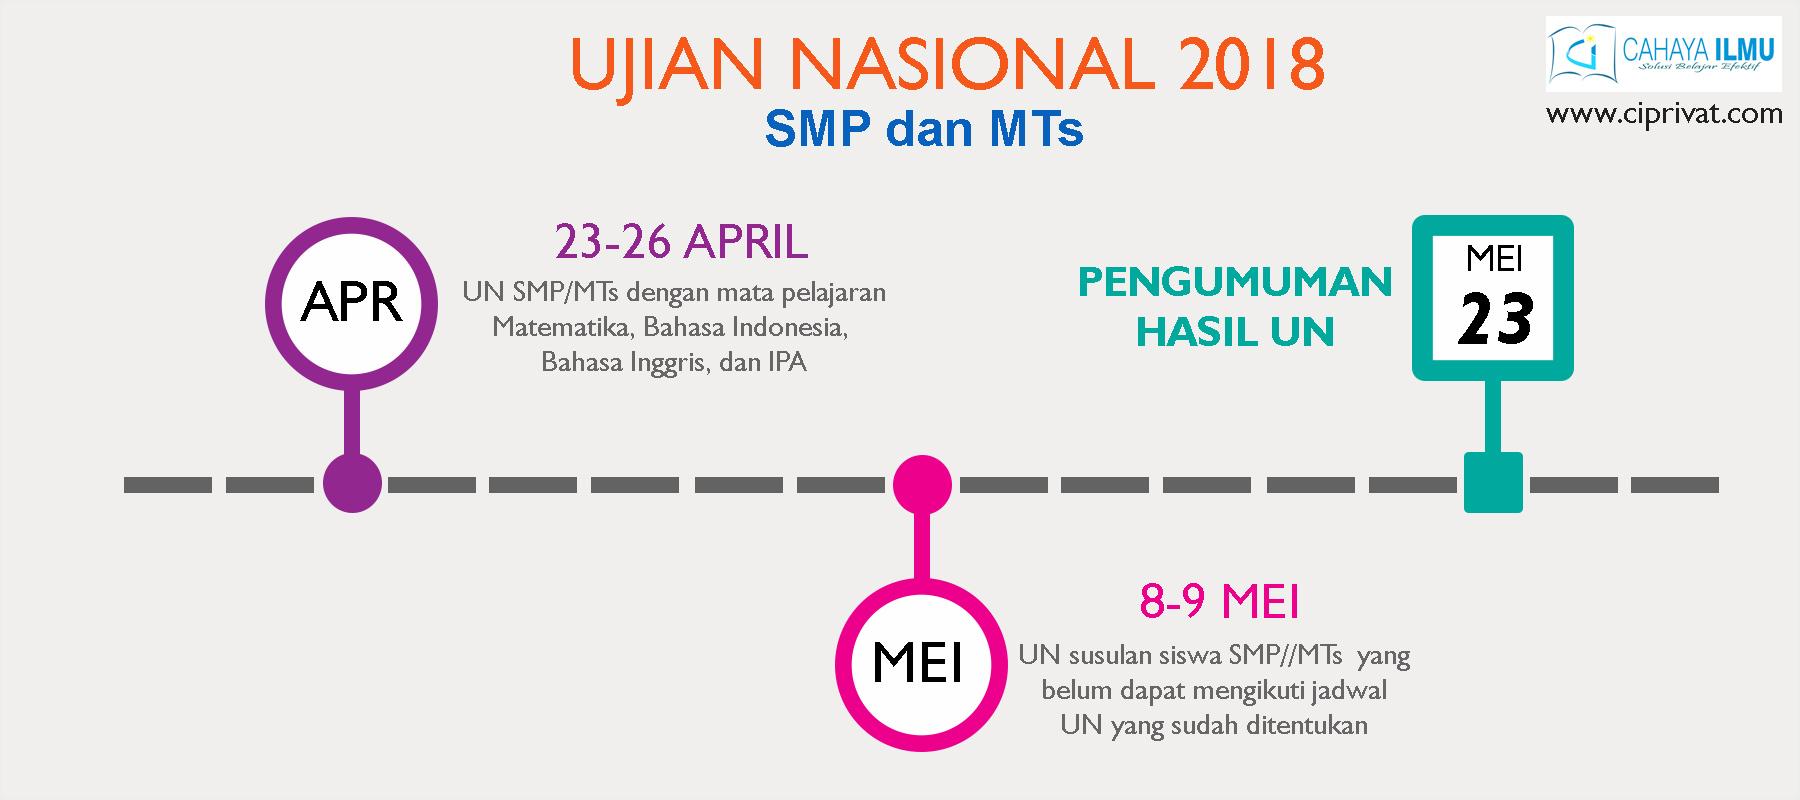 Jadwal Ujian Nasional SMP 2018